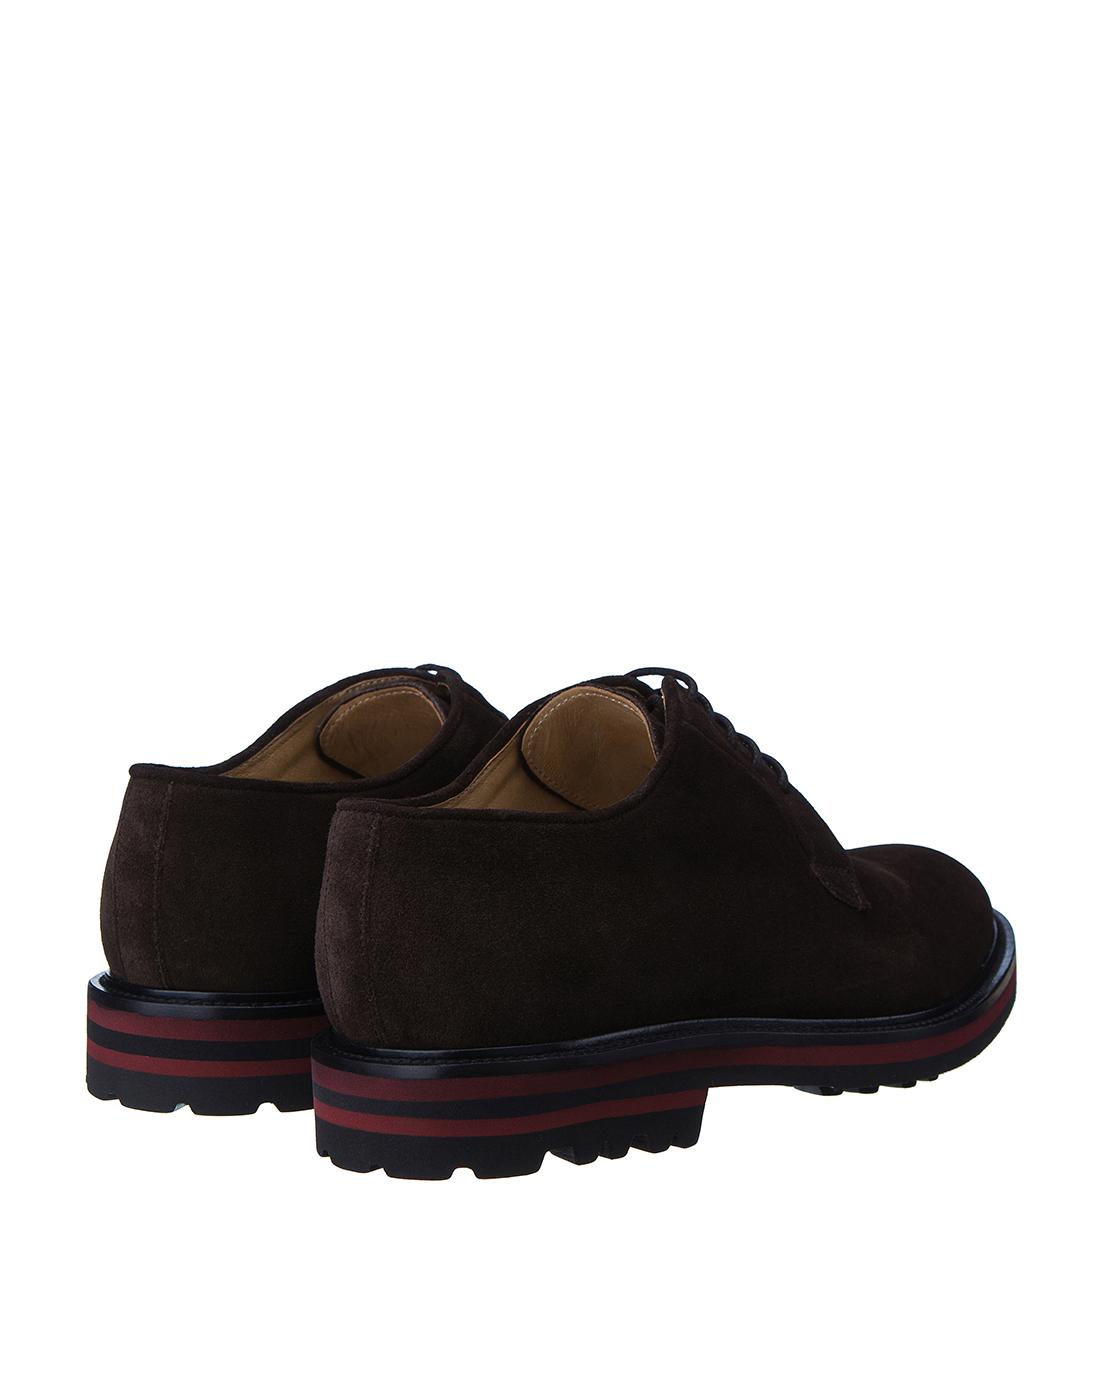 Туфли коричневые мужские Brecos S8073-3